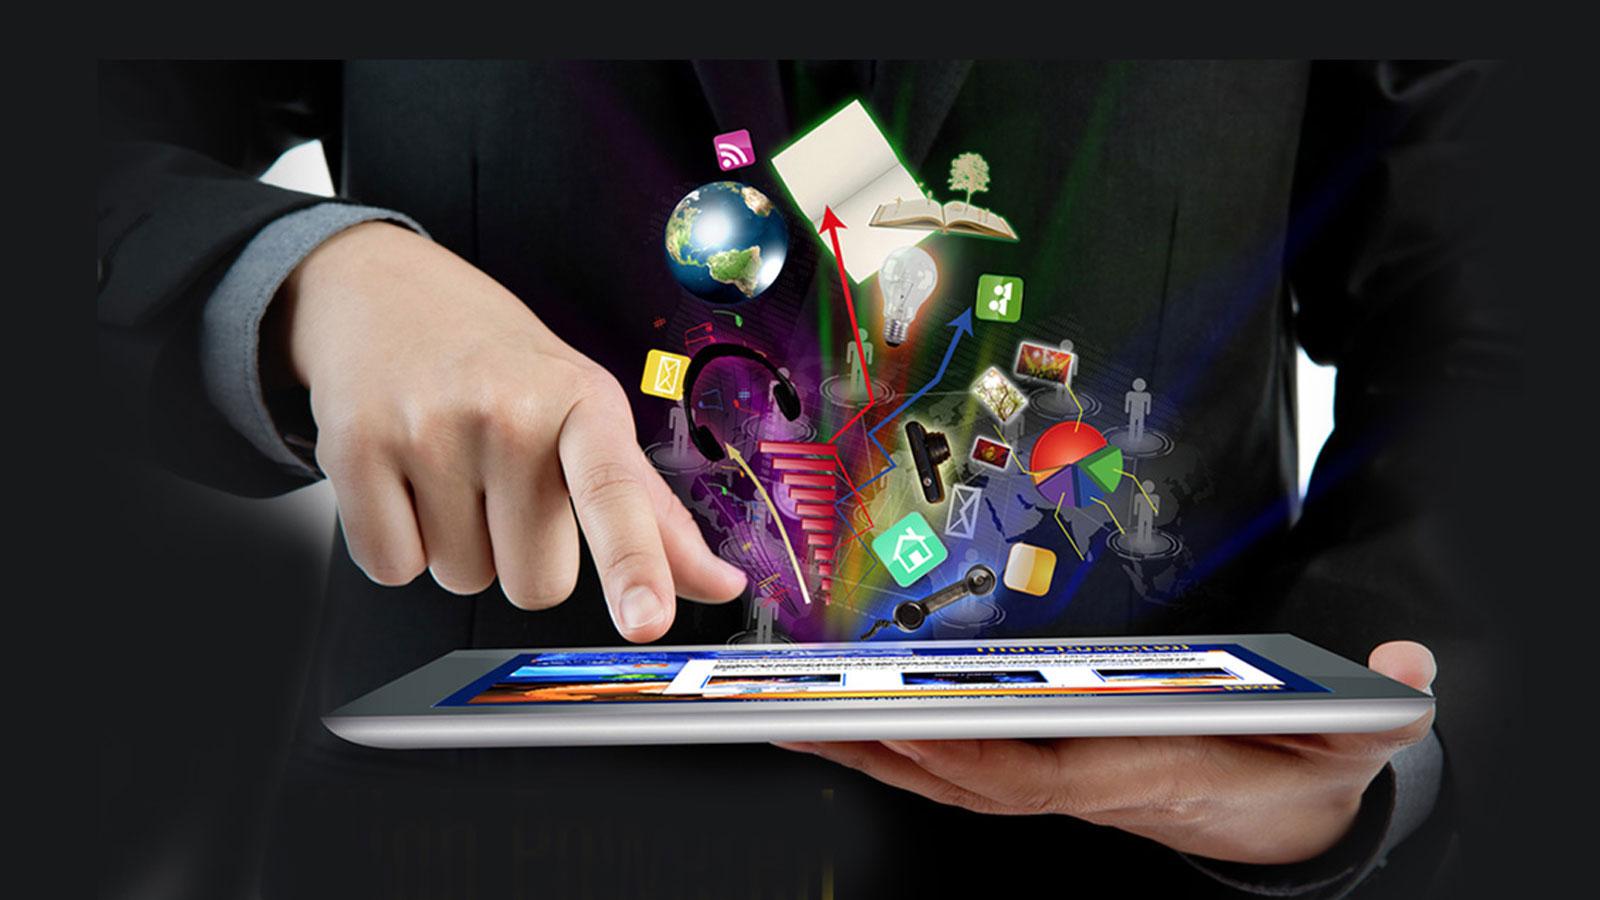 kak-nastroit-smartfon-ili-planshet-samostoyatelno-android-specialist